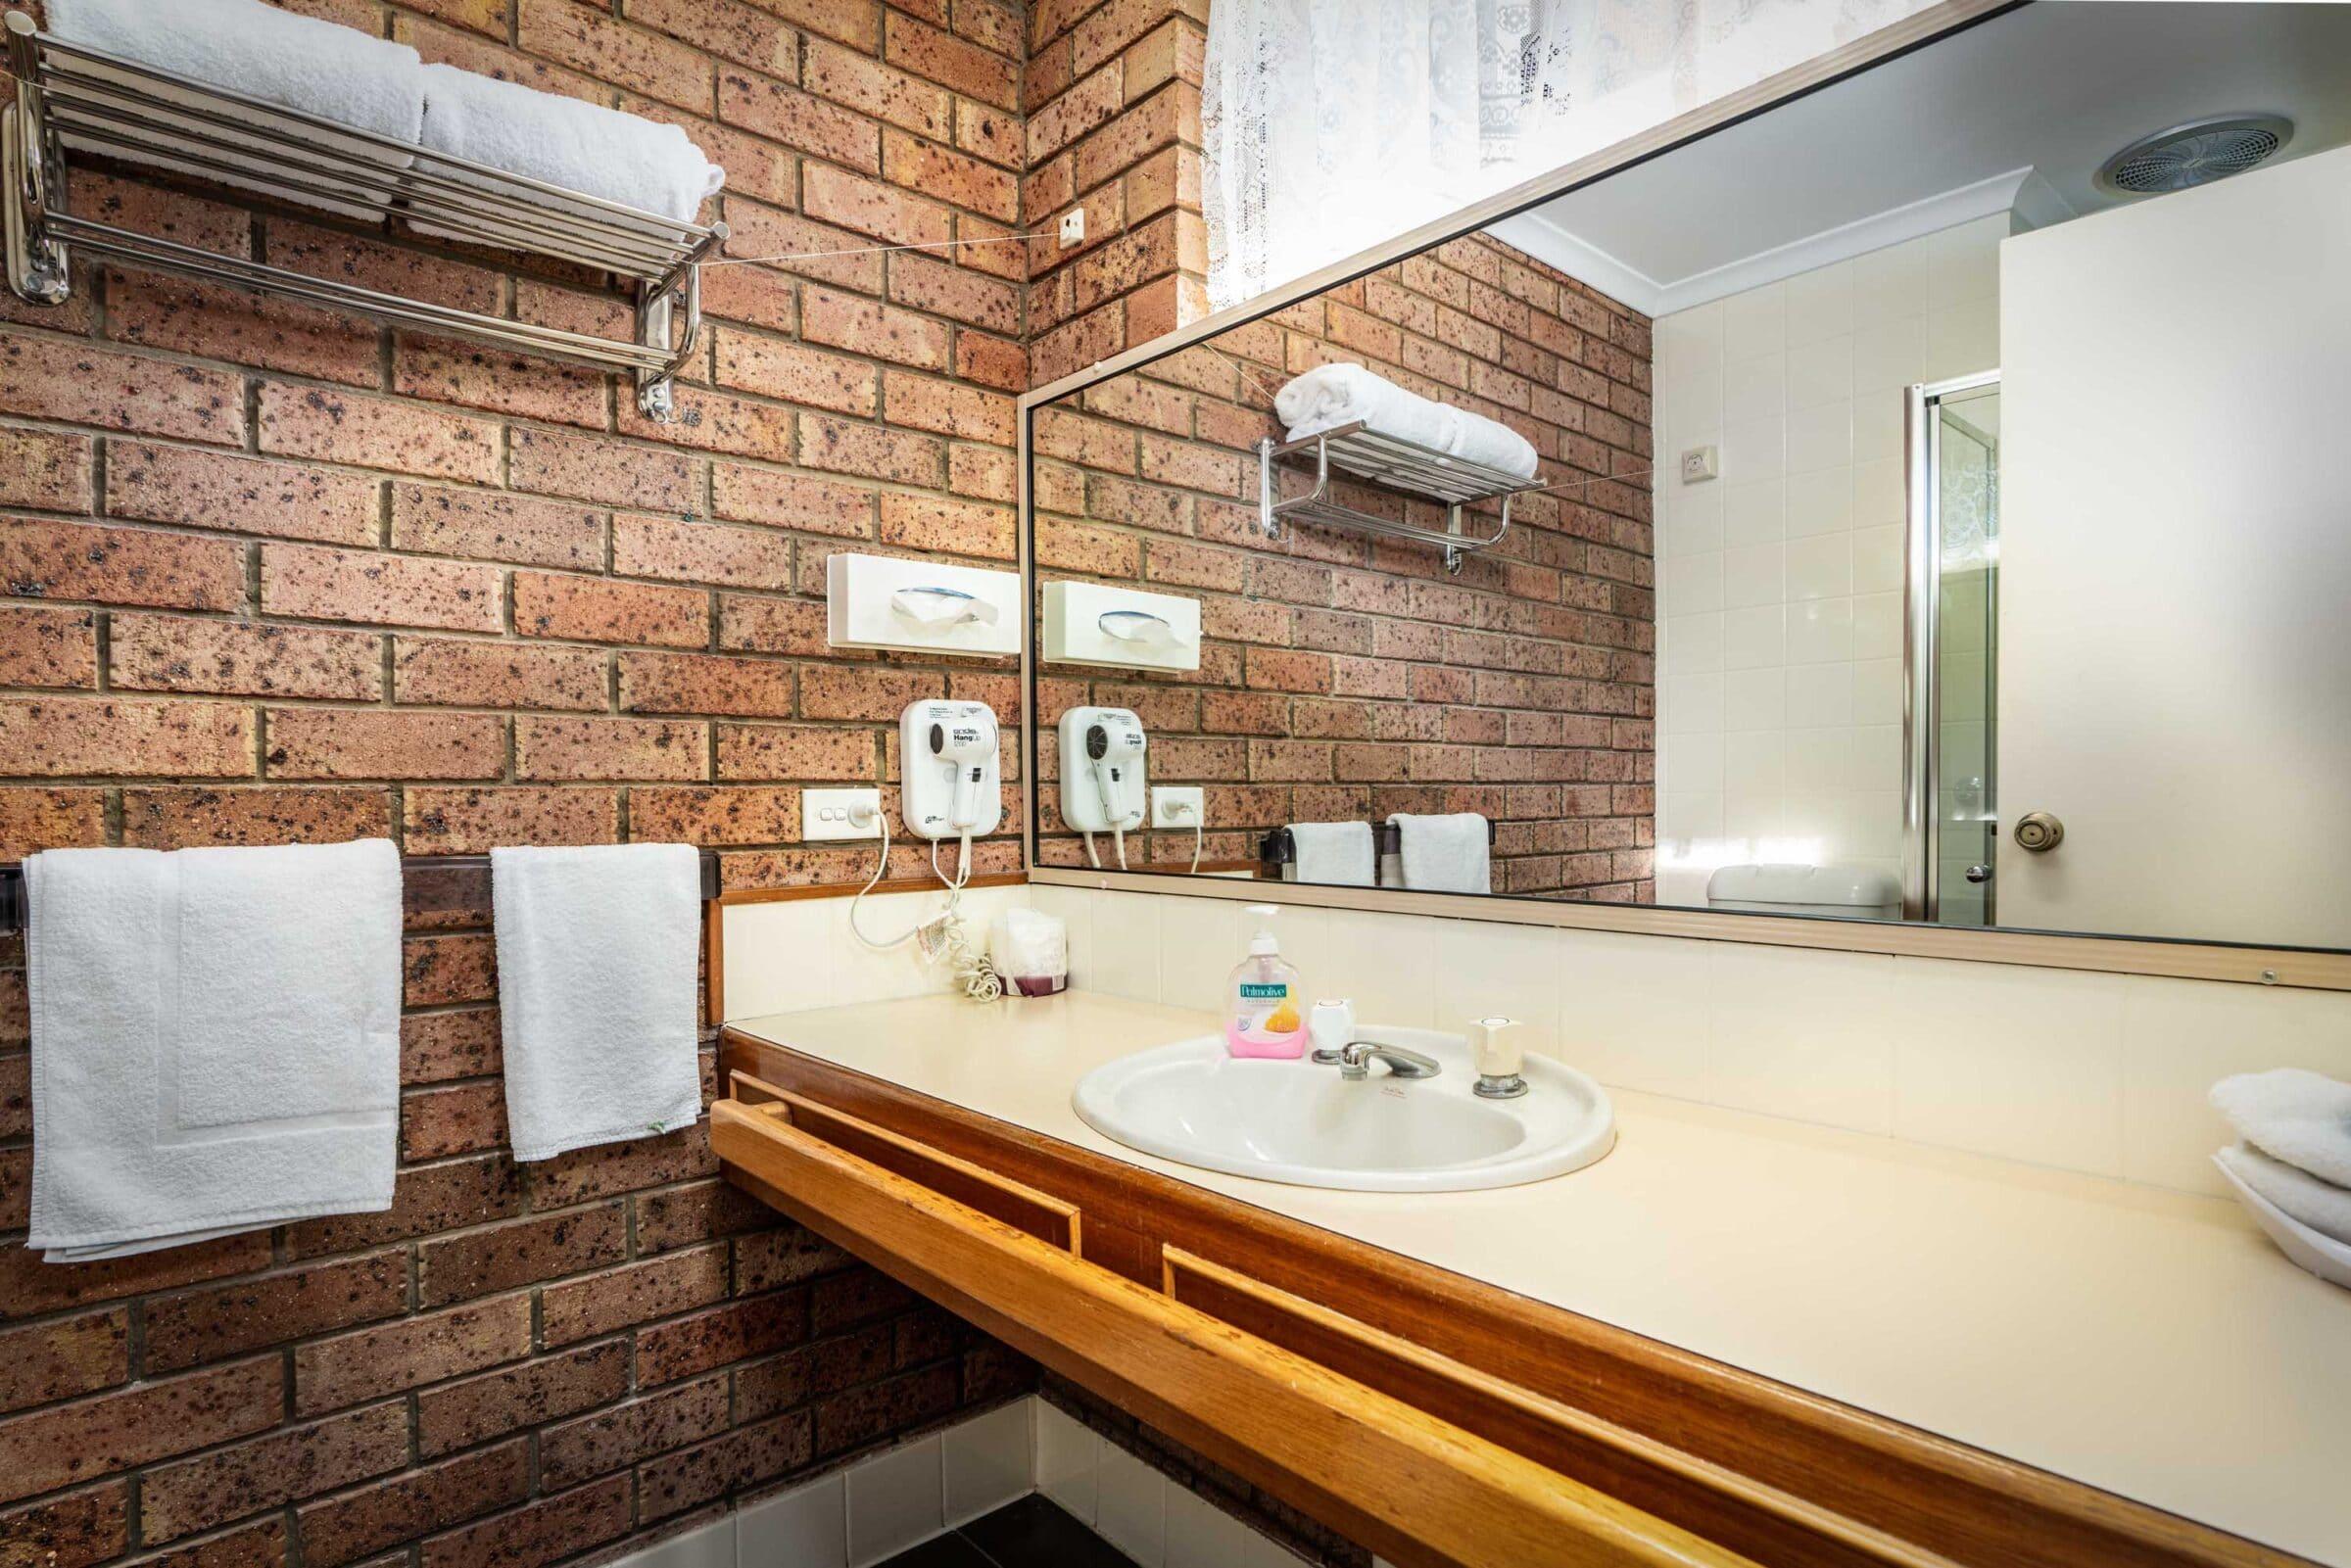 6-Bathroom-6 Large Suite Motel Accommodation Merimbula - Comfort Inn Merimbula